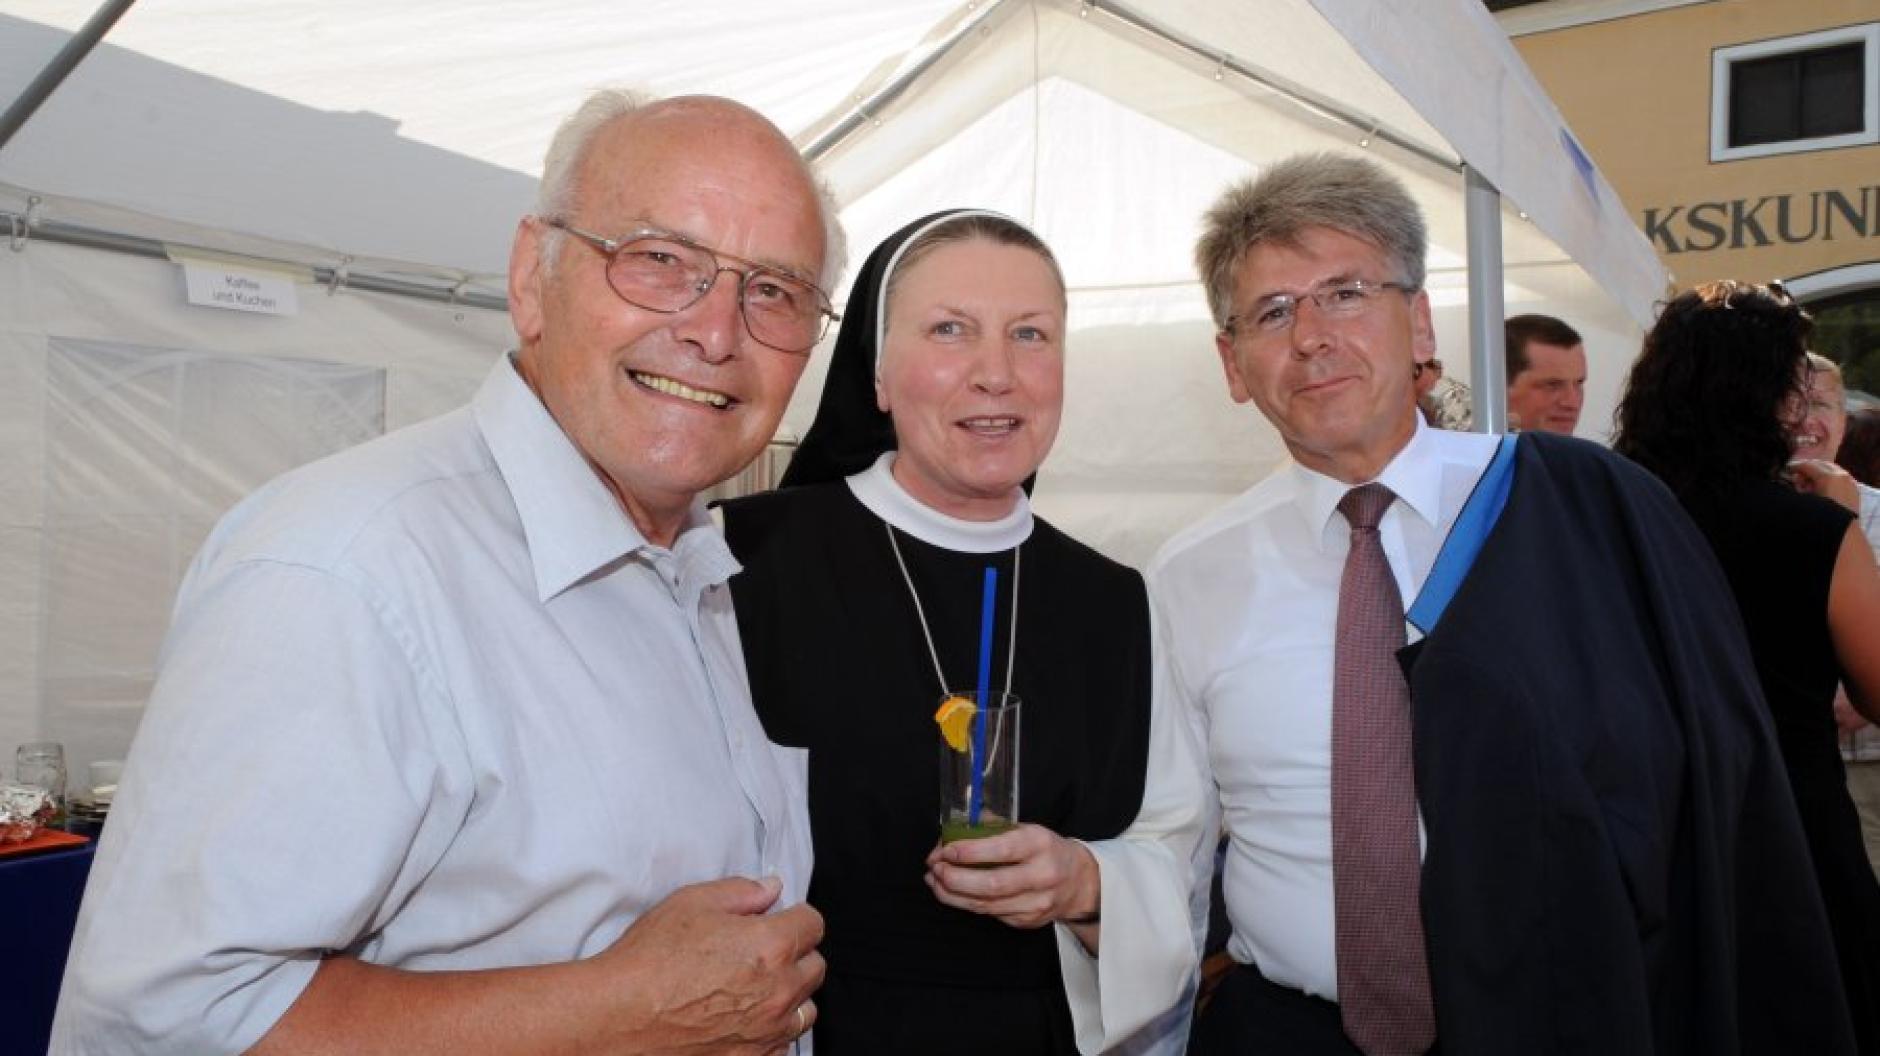 Rudolf Oberlander (links) in Aktion: Hier beim Landkreisfest im Jahr 2010 mit Äbtissin Gertrud Pesch und Kreissparkassen-Vorstand Richard Fank.